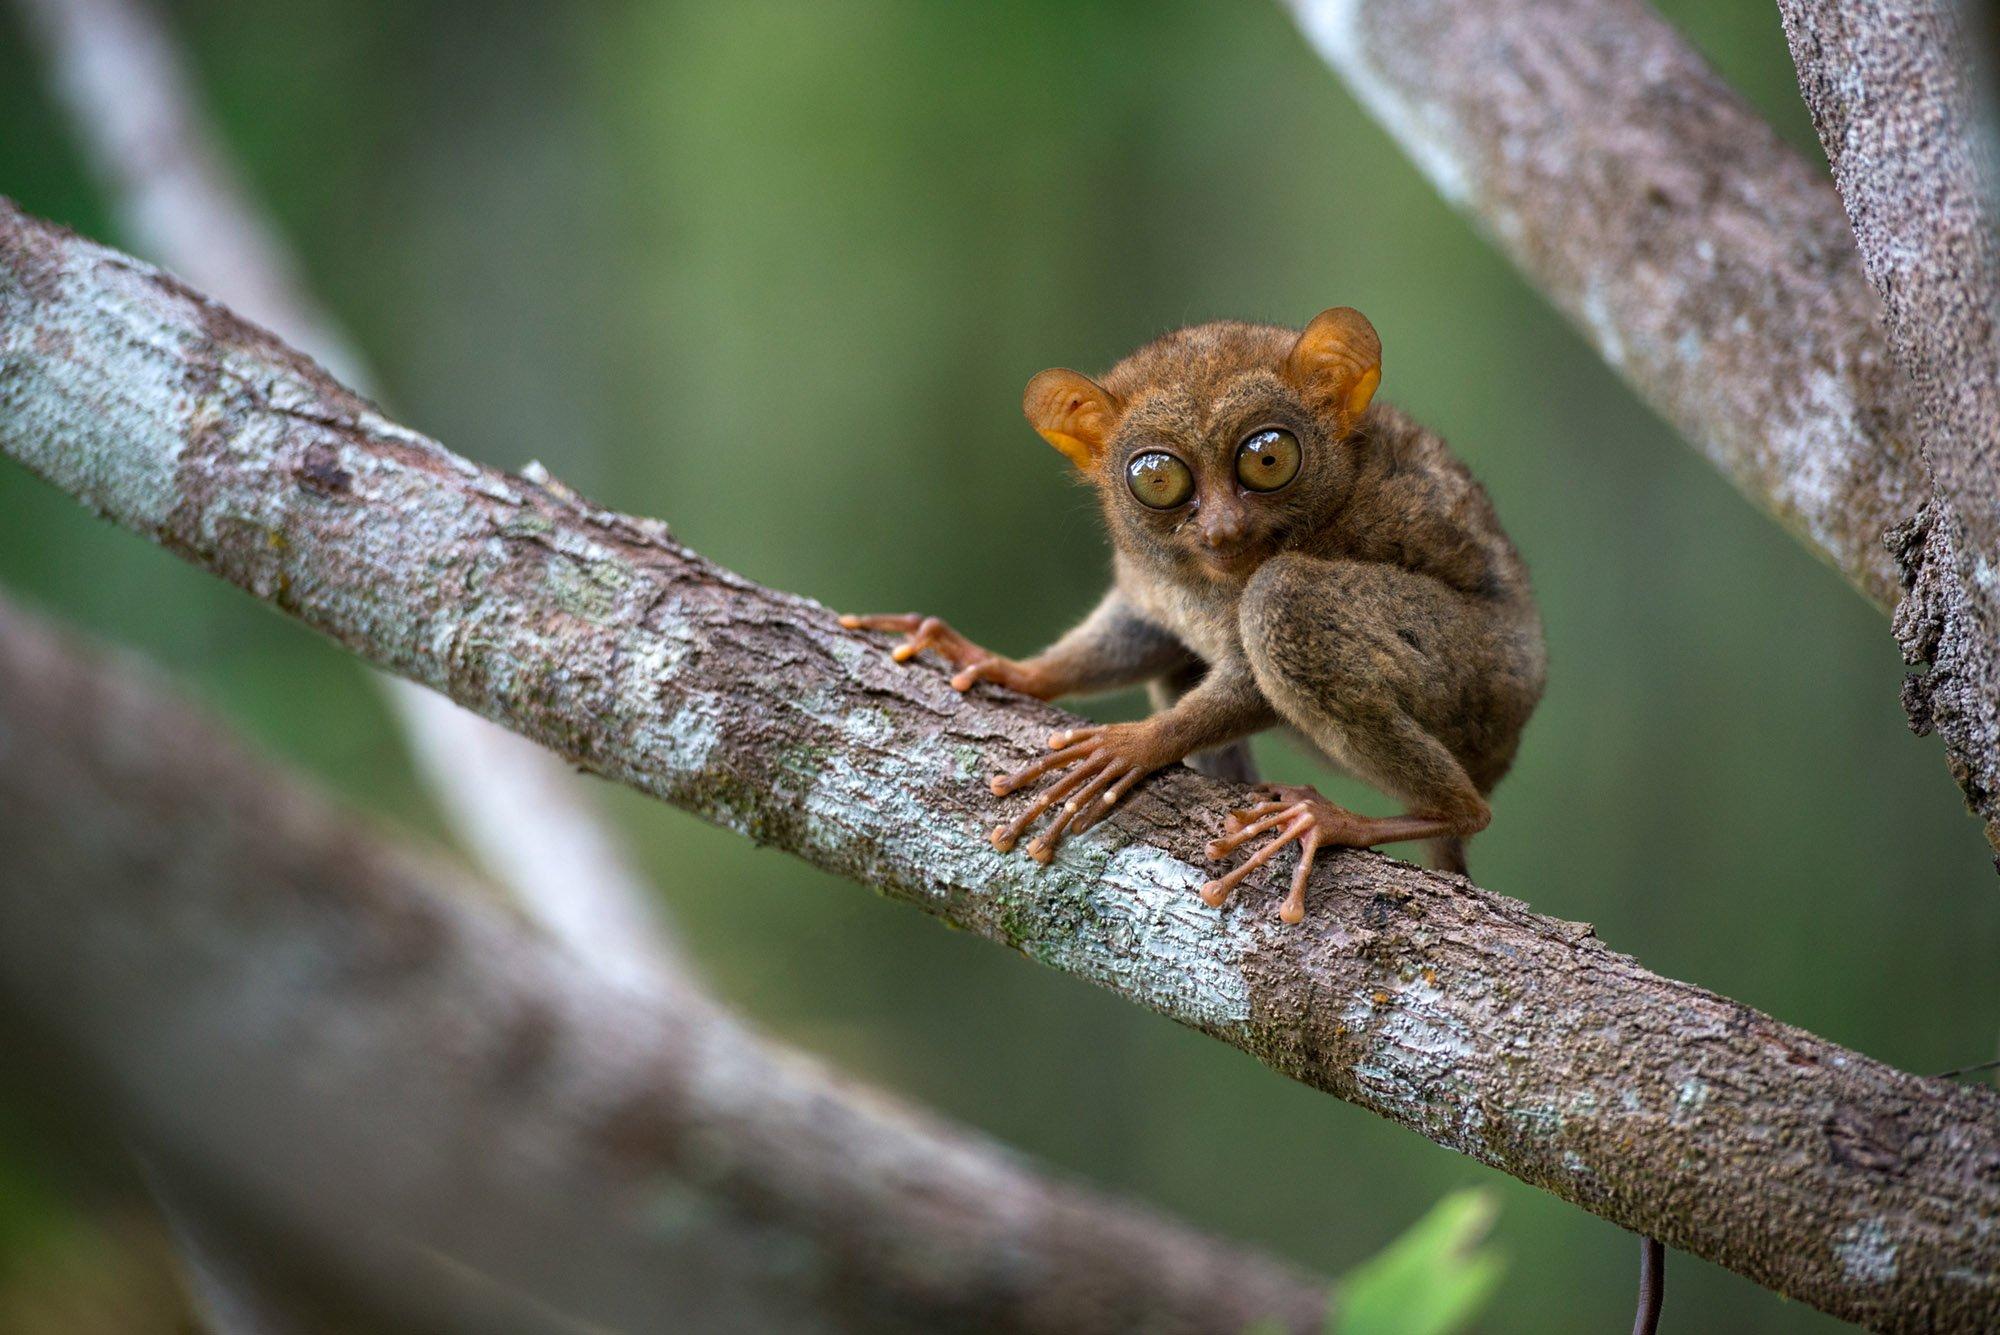 Mindanao tarsier